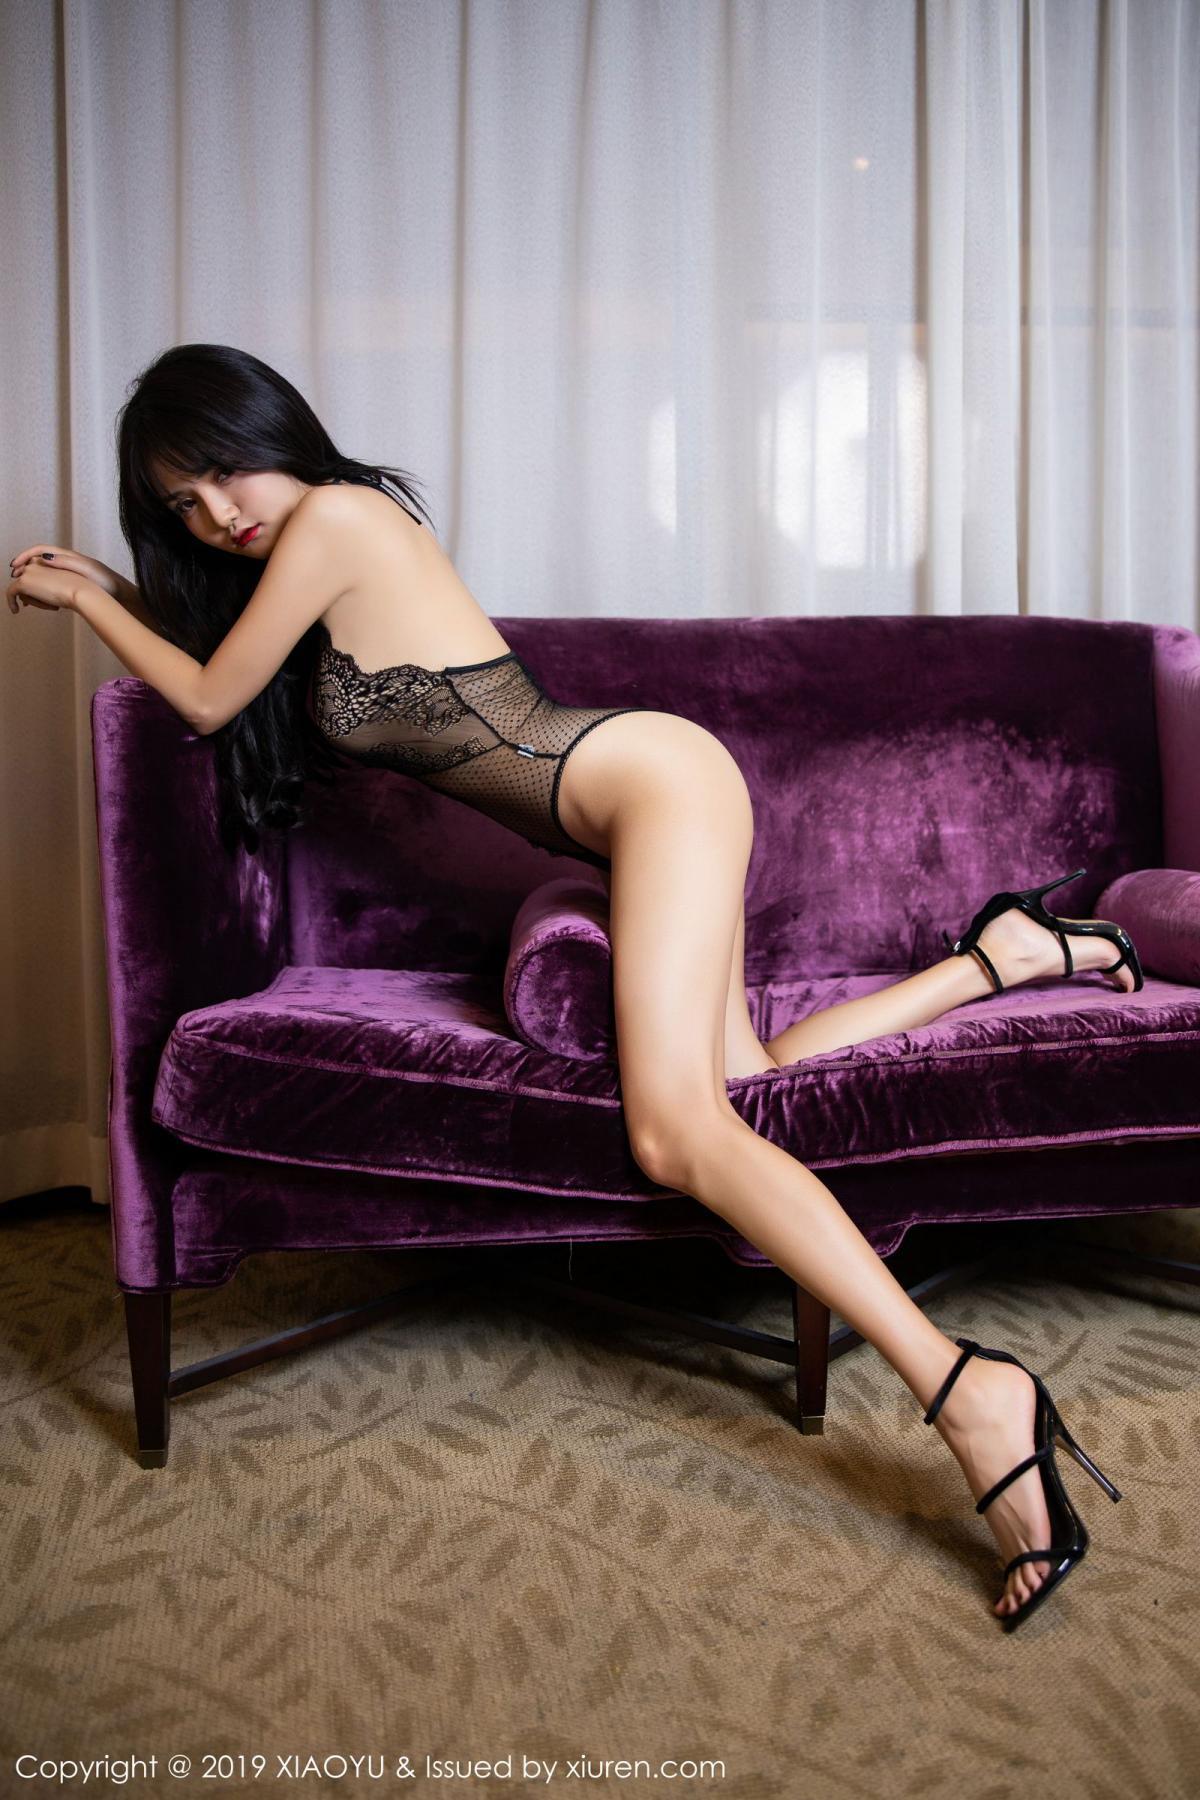 [XiaoYu] Vol.200 Miko Jiang 3P, Miko Jiang, Slim, Tall, Underwear, XiaoYu